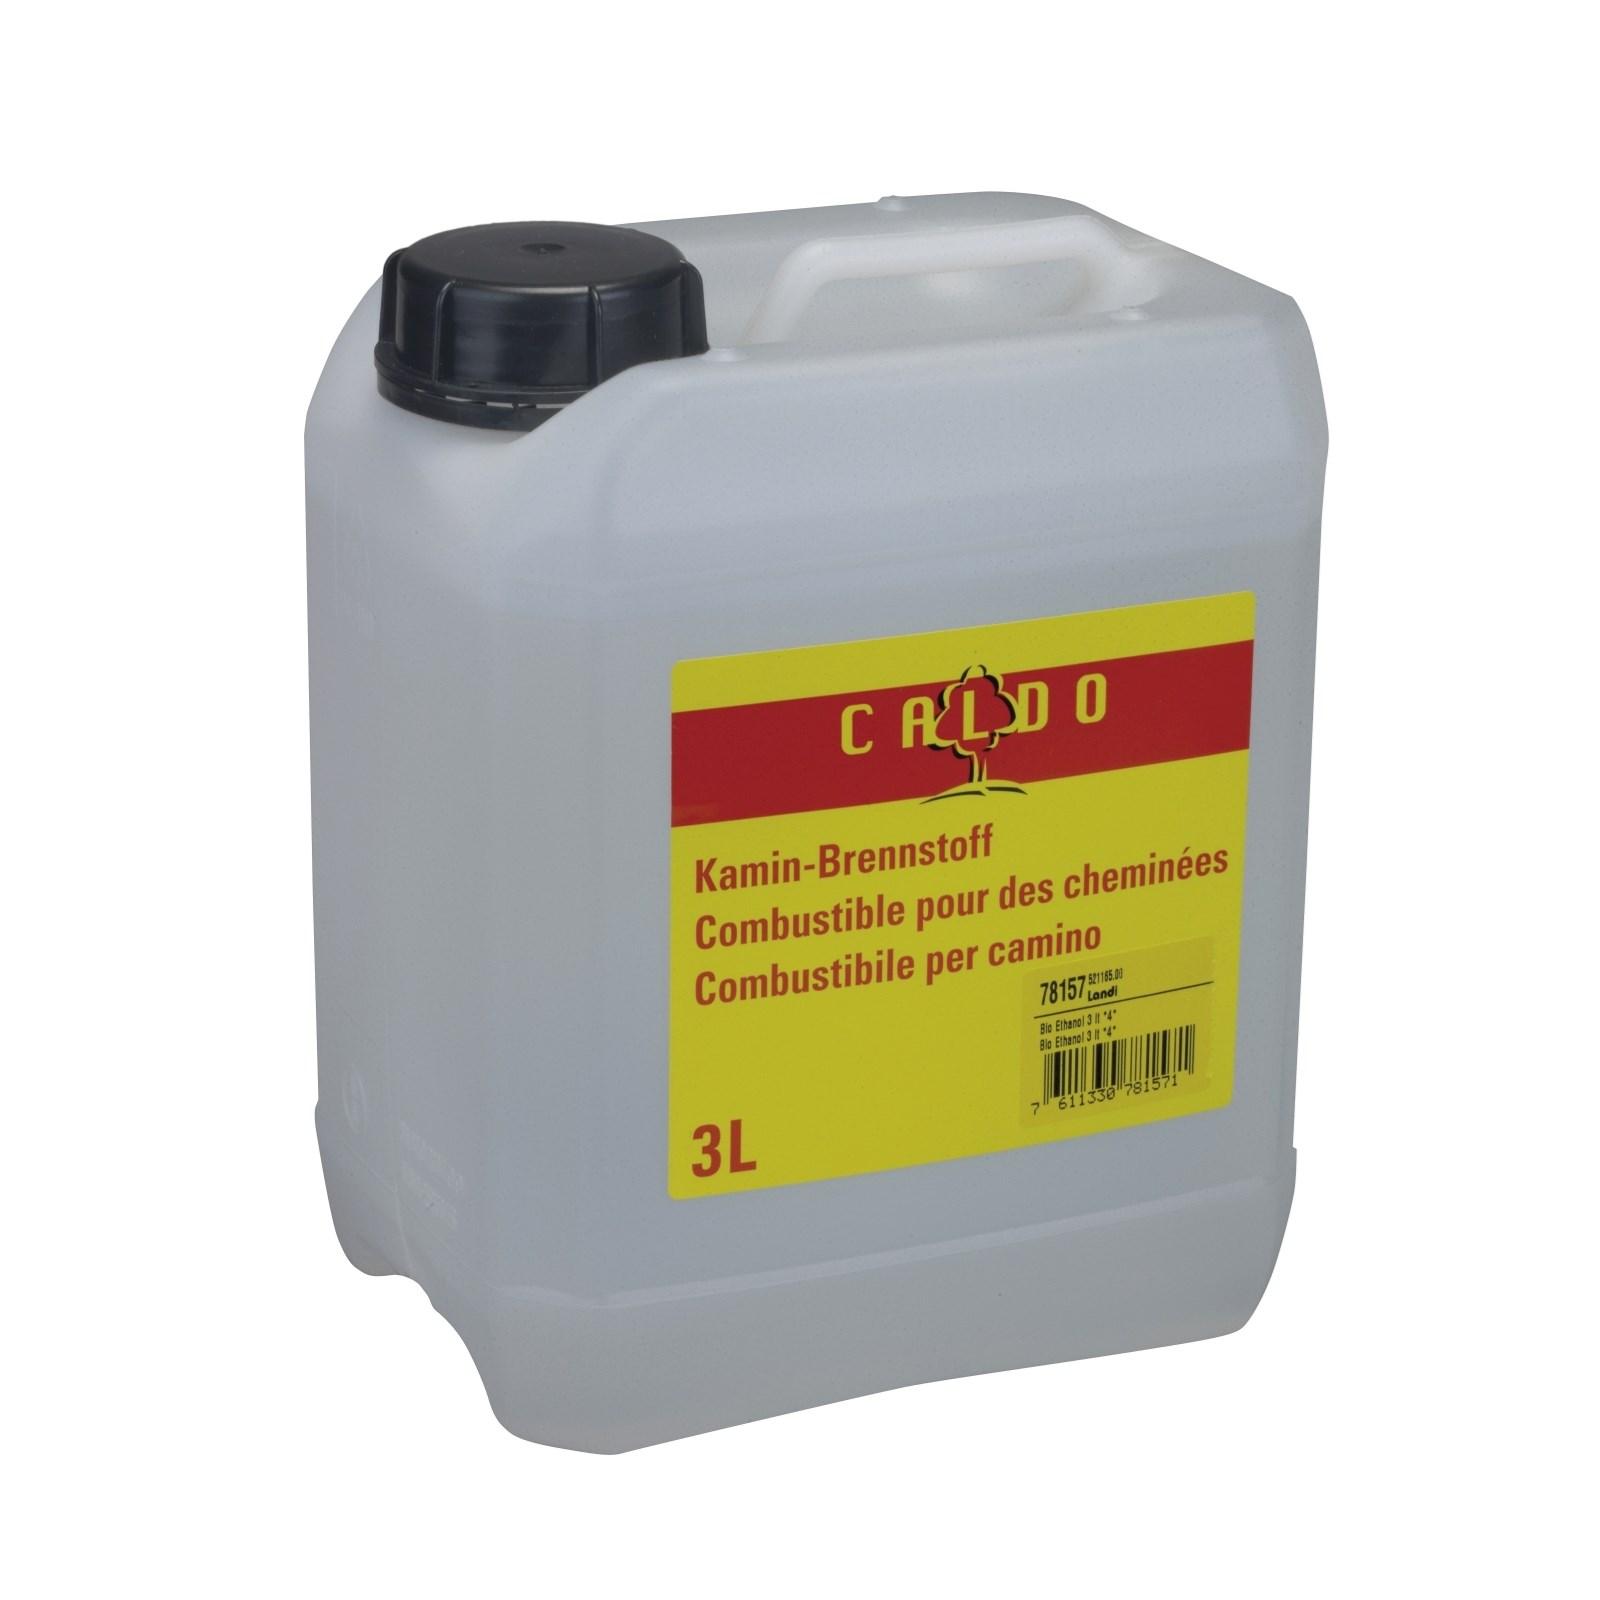 Ethanol Bio Caldo 3 L Flussigbrennstoffe Landi